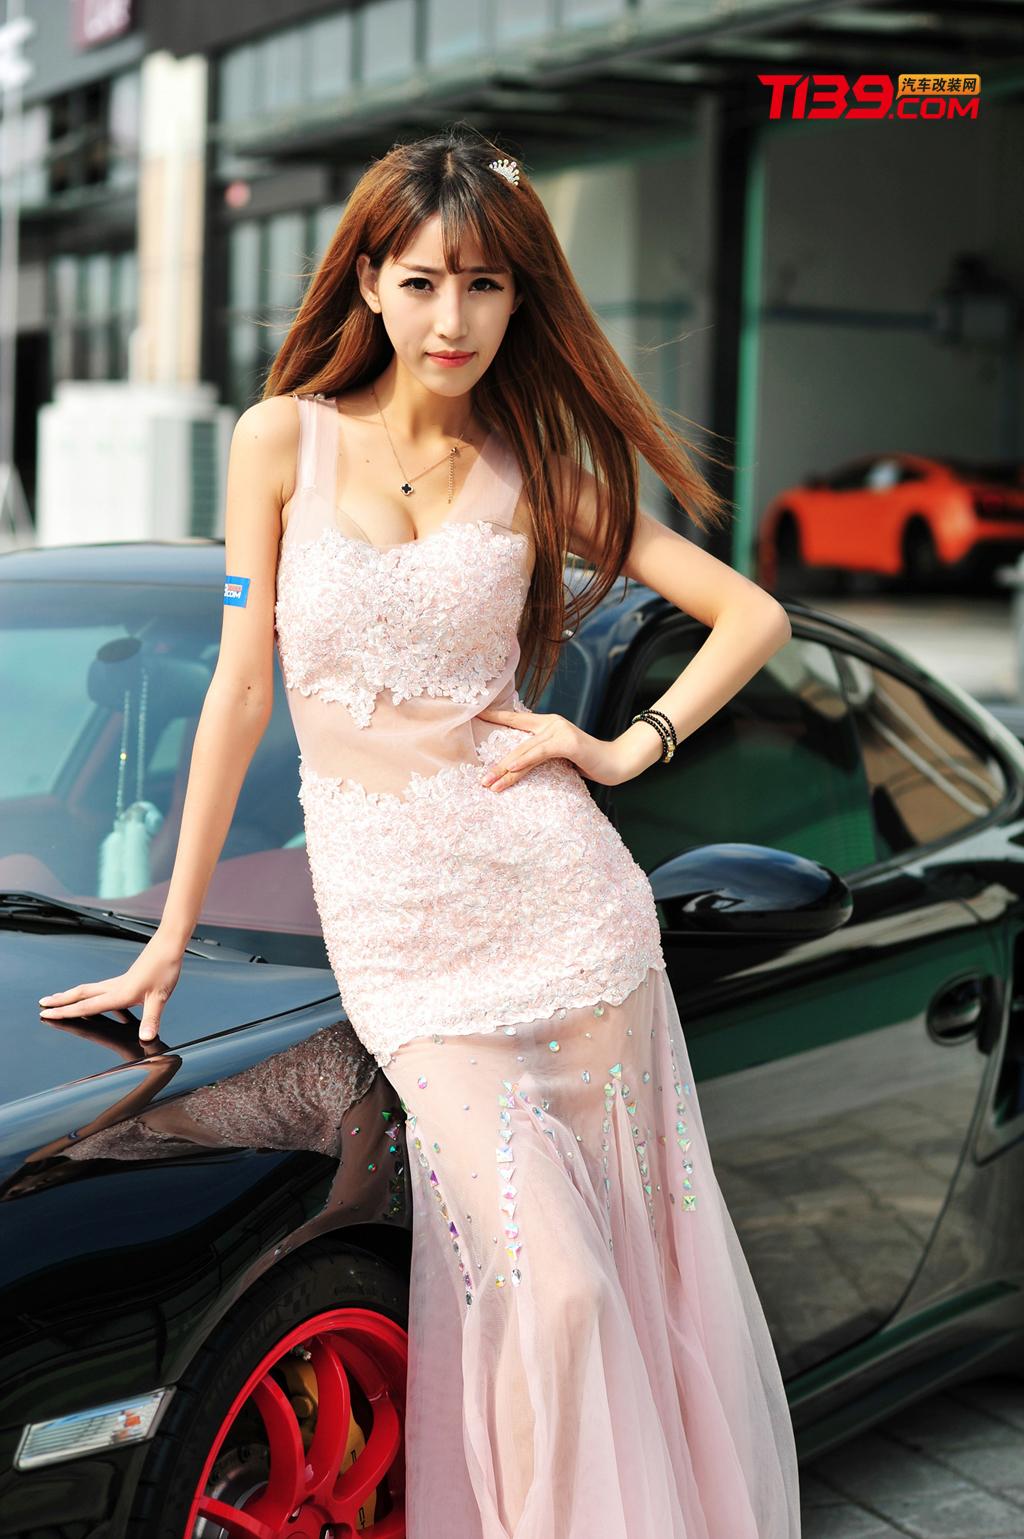 皮肤白皙美女车模 身着一抹粉色长裙